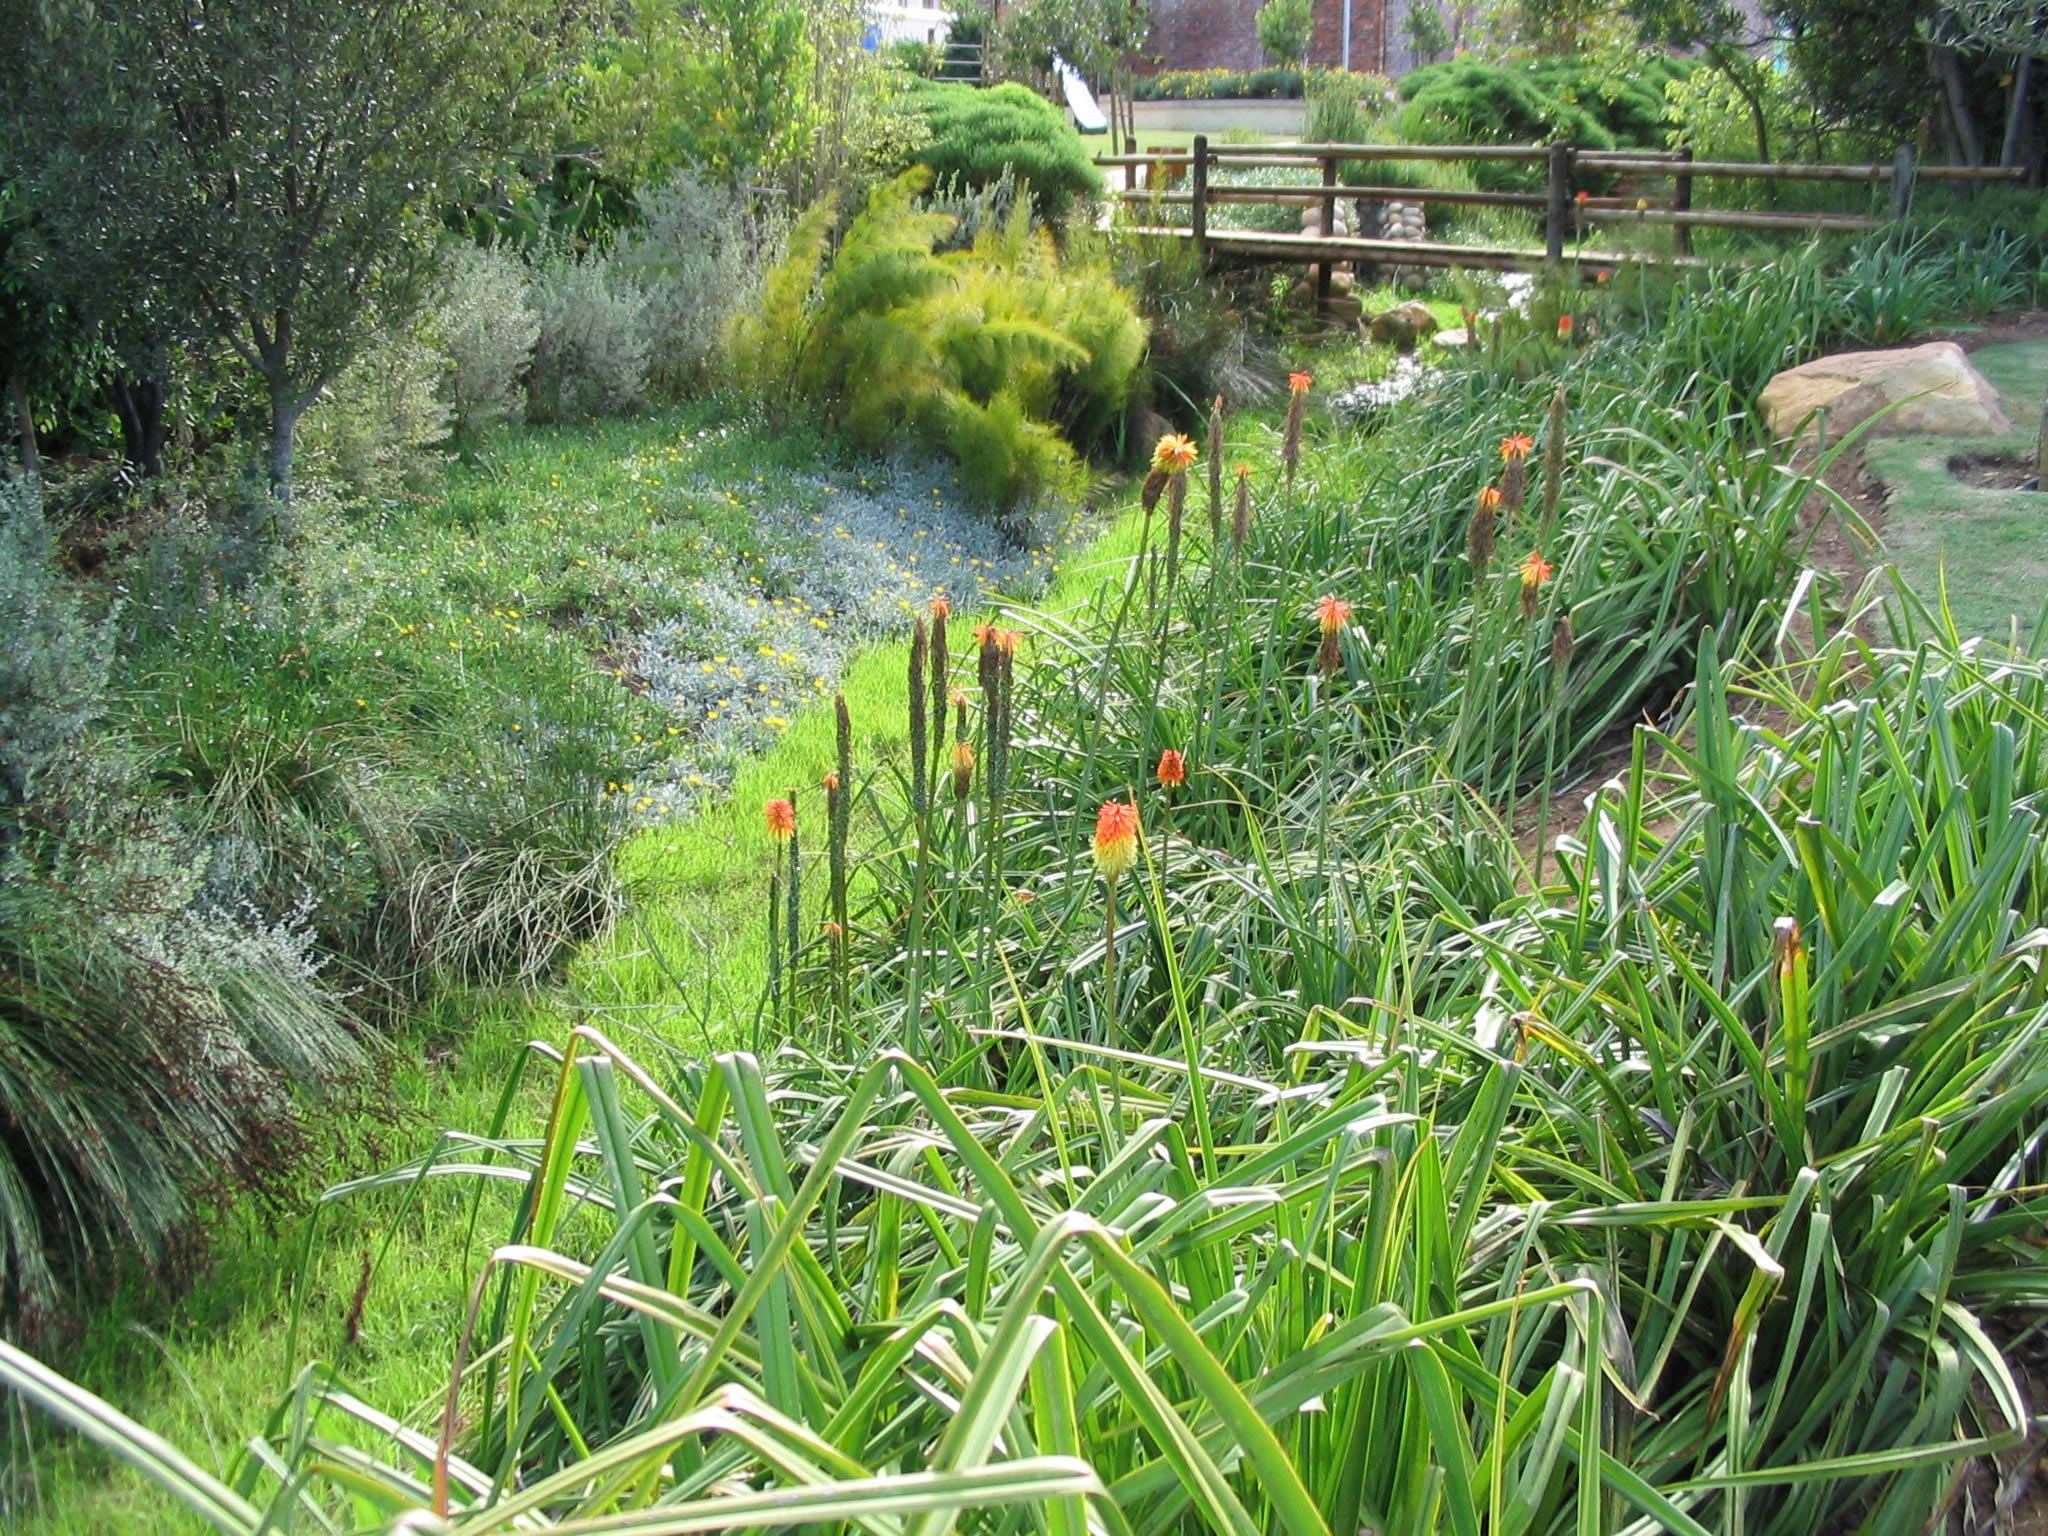 Indigenous Plants cover the Terrafix blocks